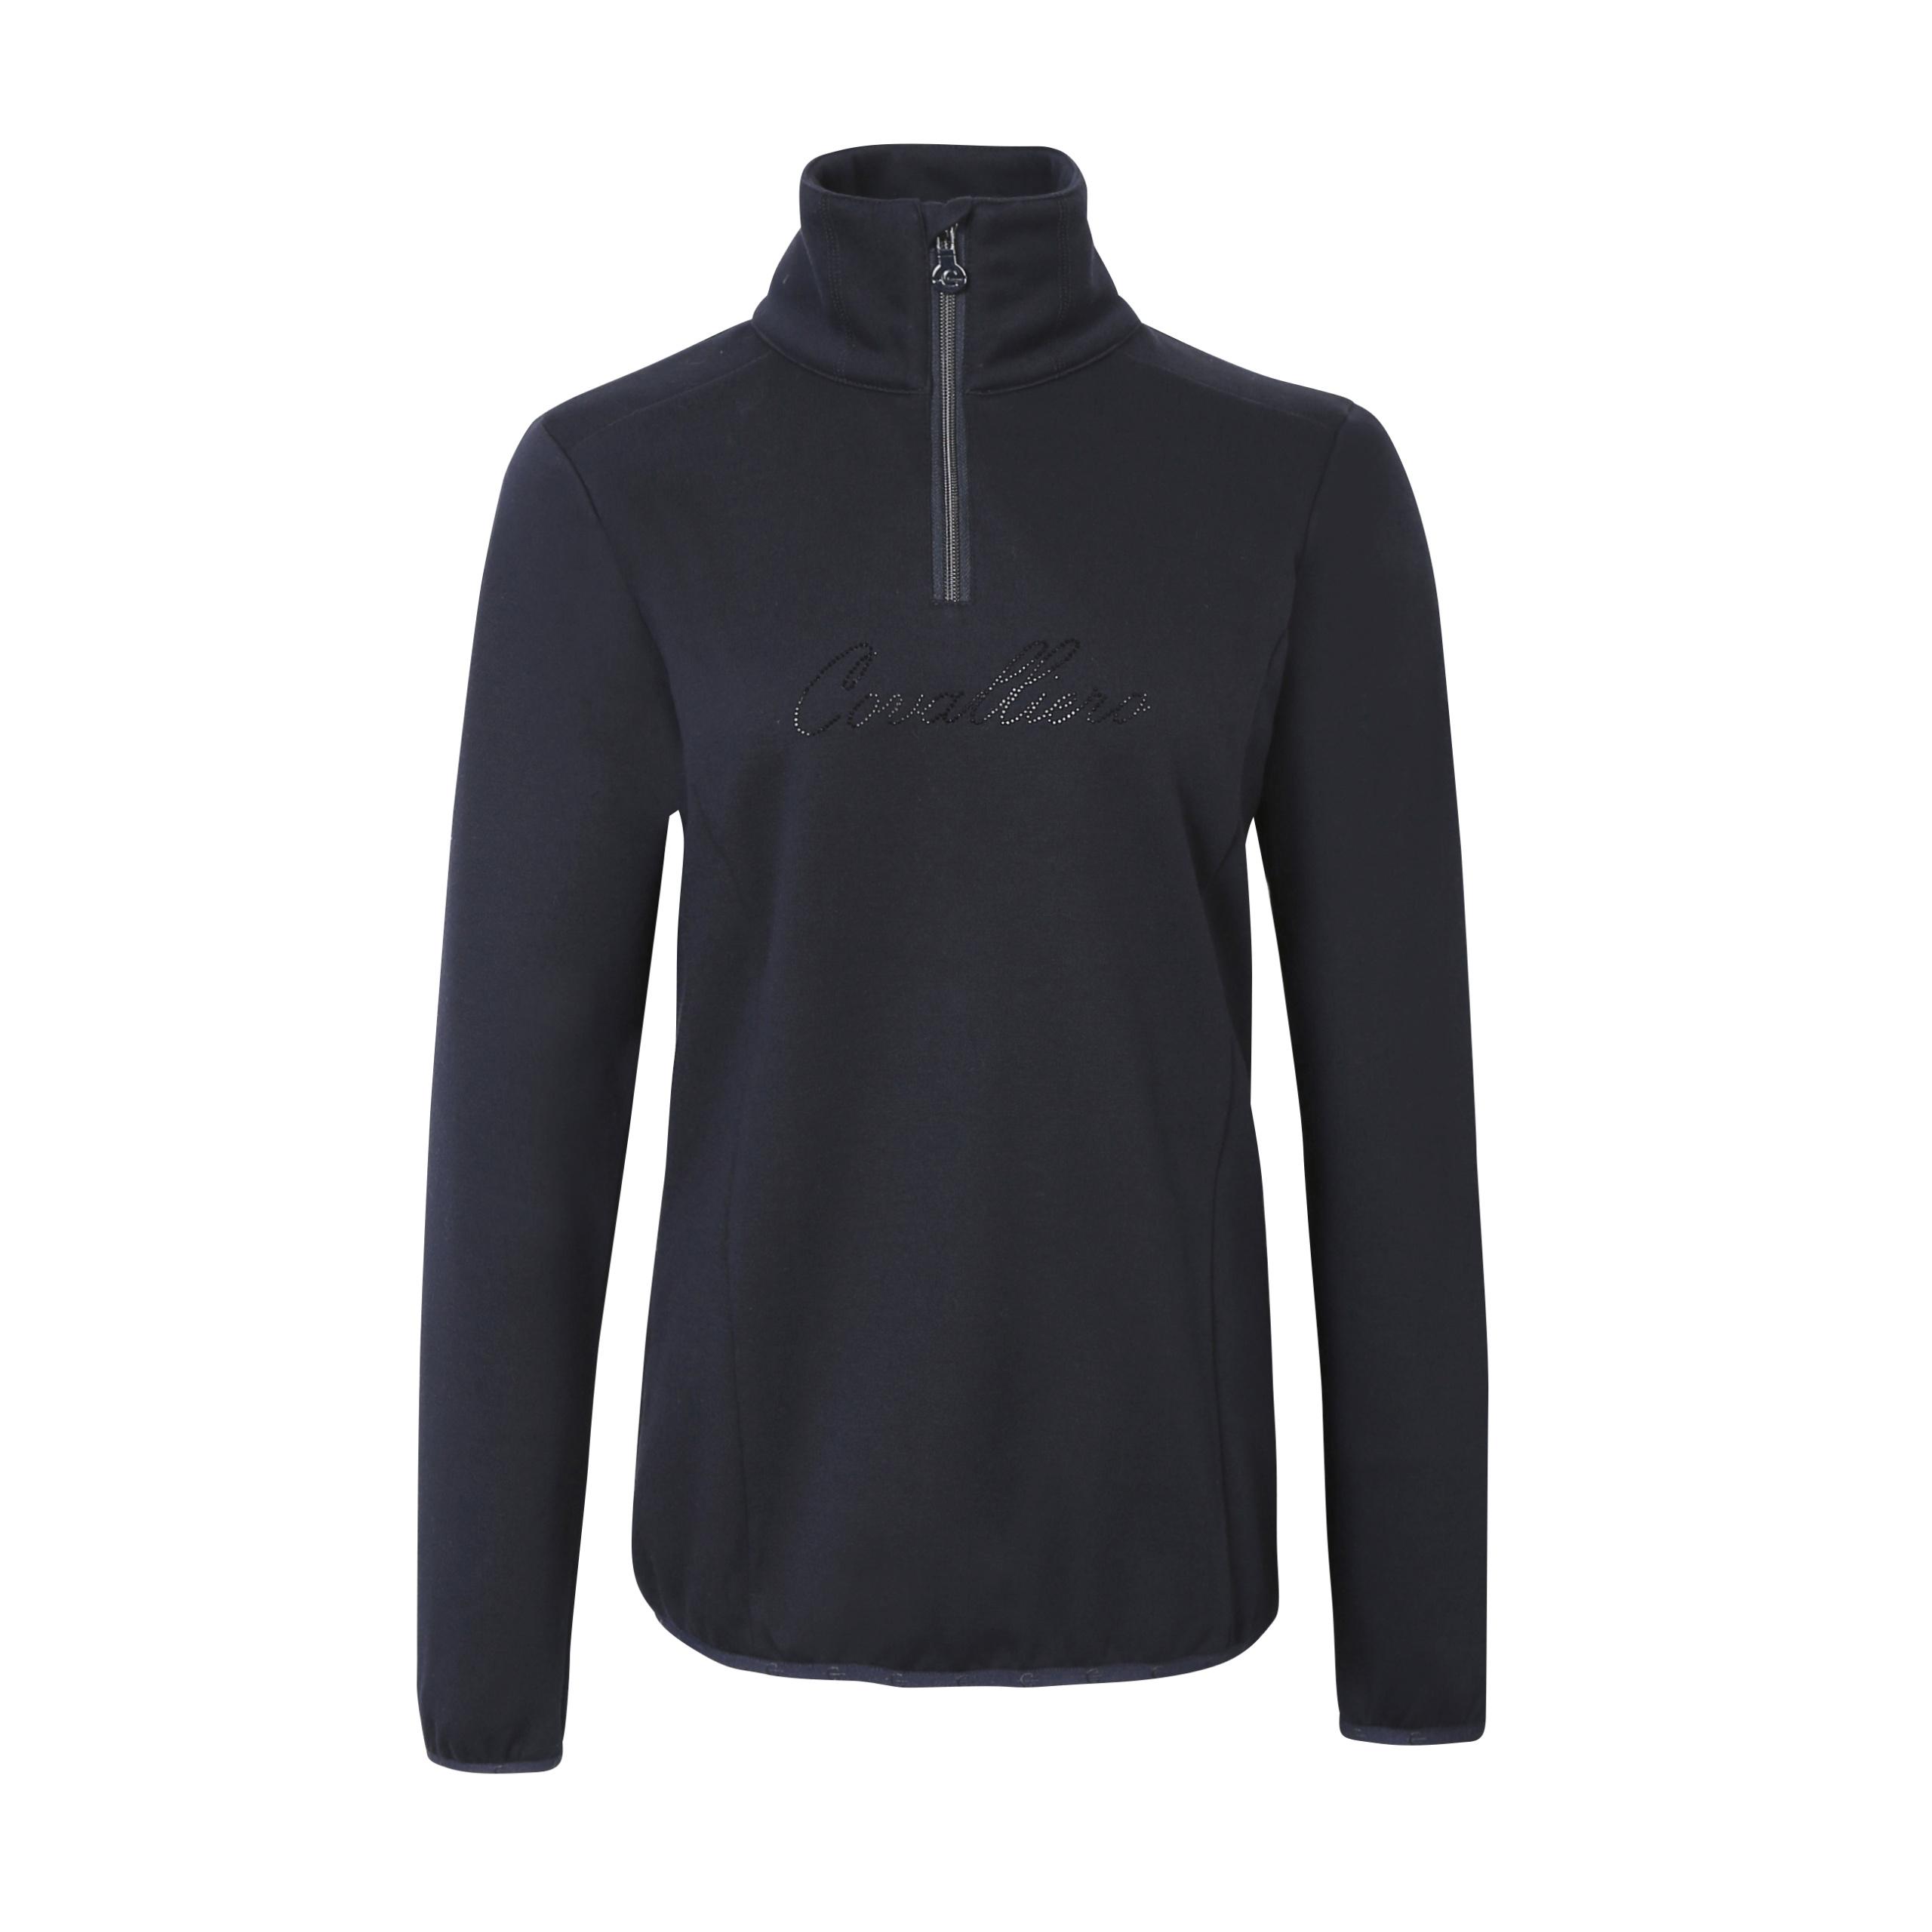 Covalliero Sweater mit hohem Kragen und Reißverschluss